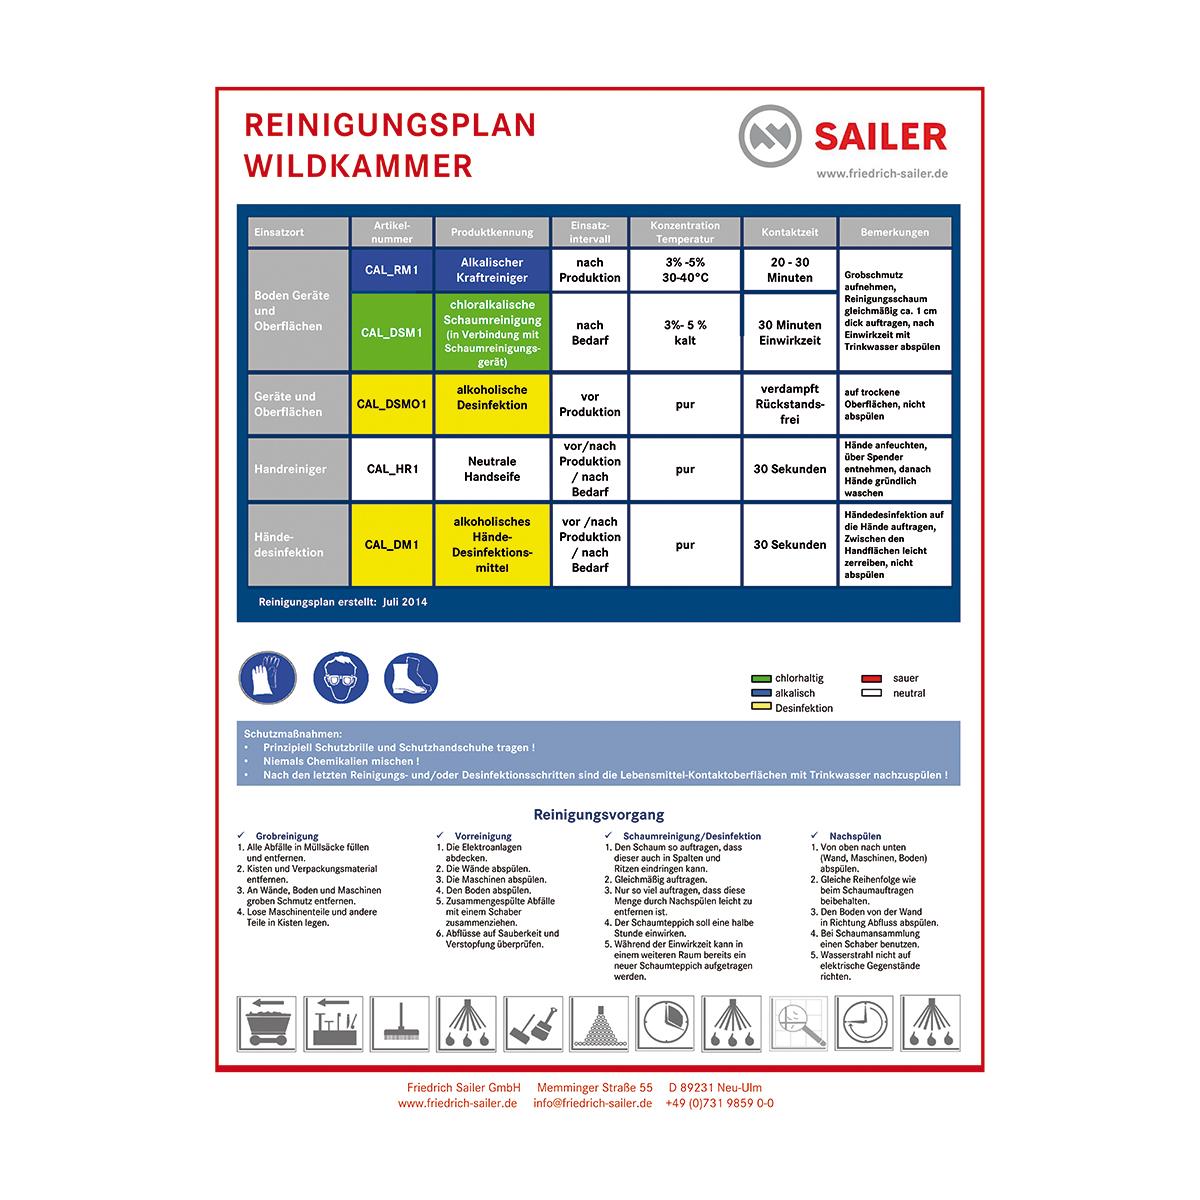 Hände-Desinfektionsmittel, ArtNr.: CAL_DM1